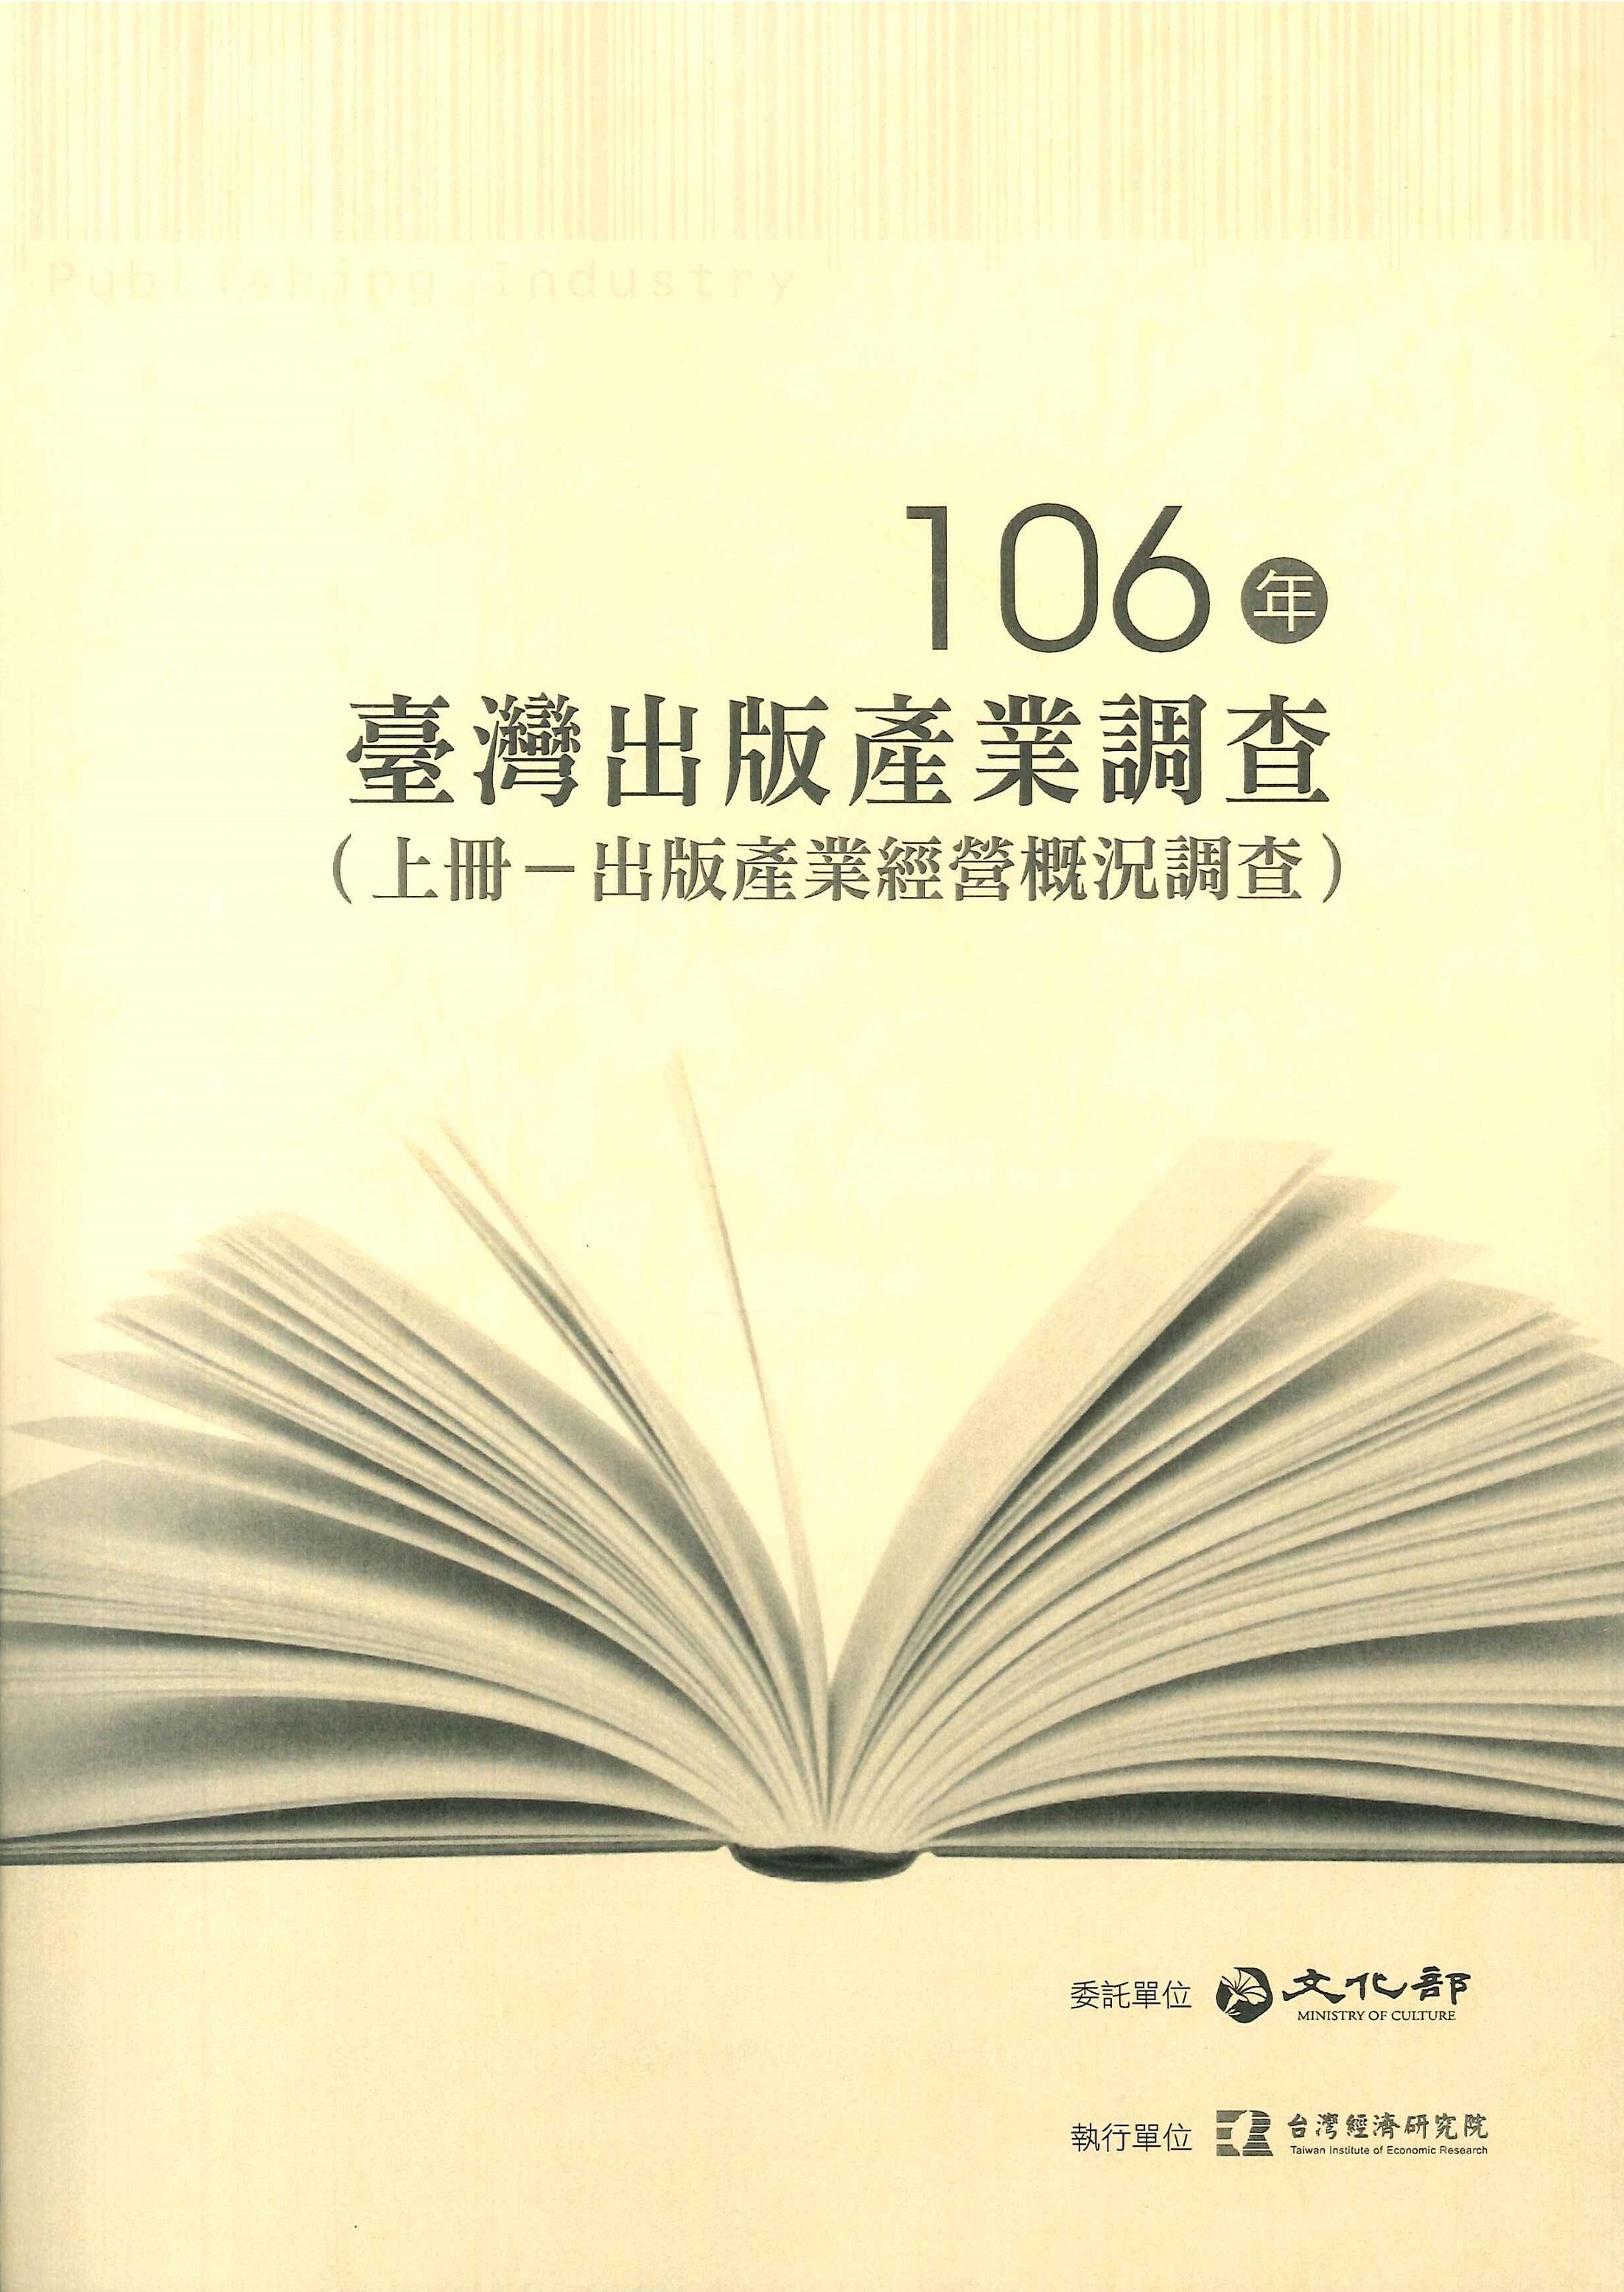 臺灣出版產業調查=Survey of Taiwan